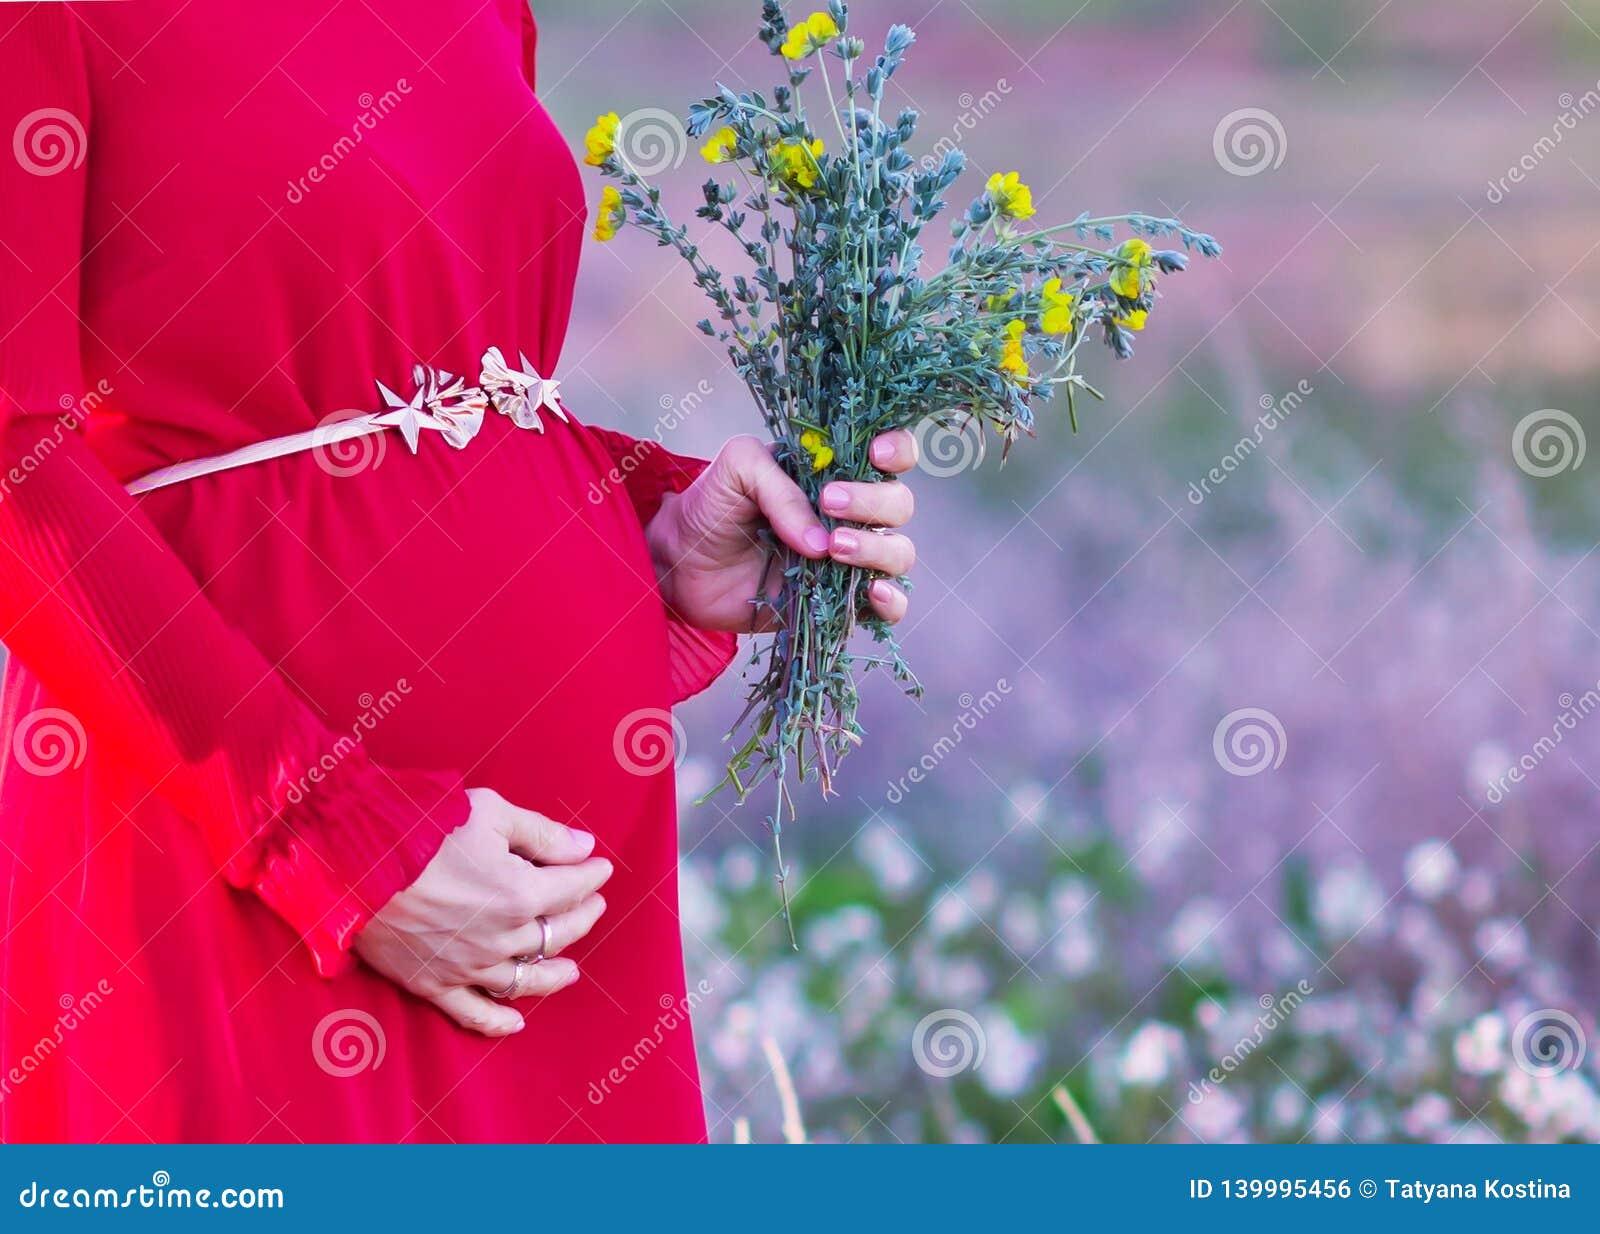 Buik van een zwangere vrouw in een kledingsclose-up